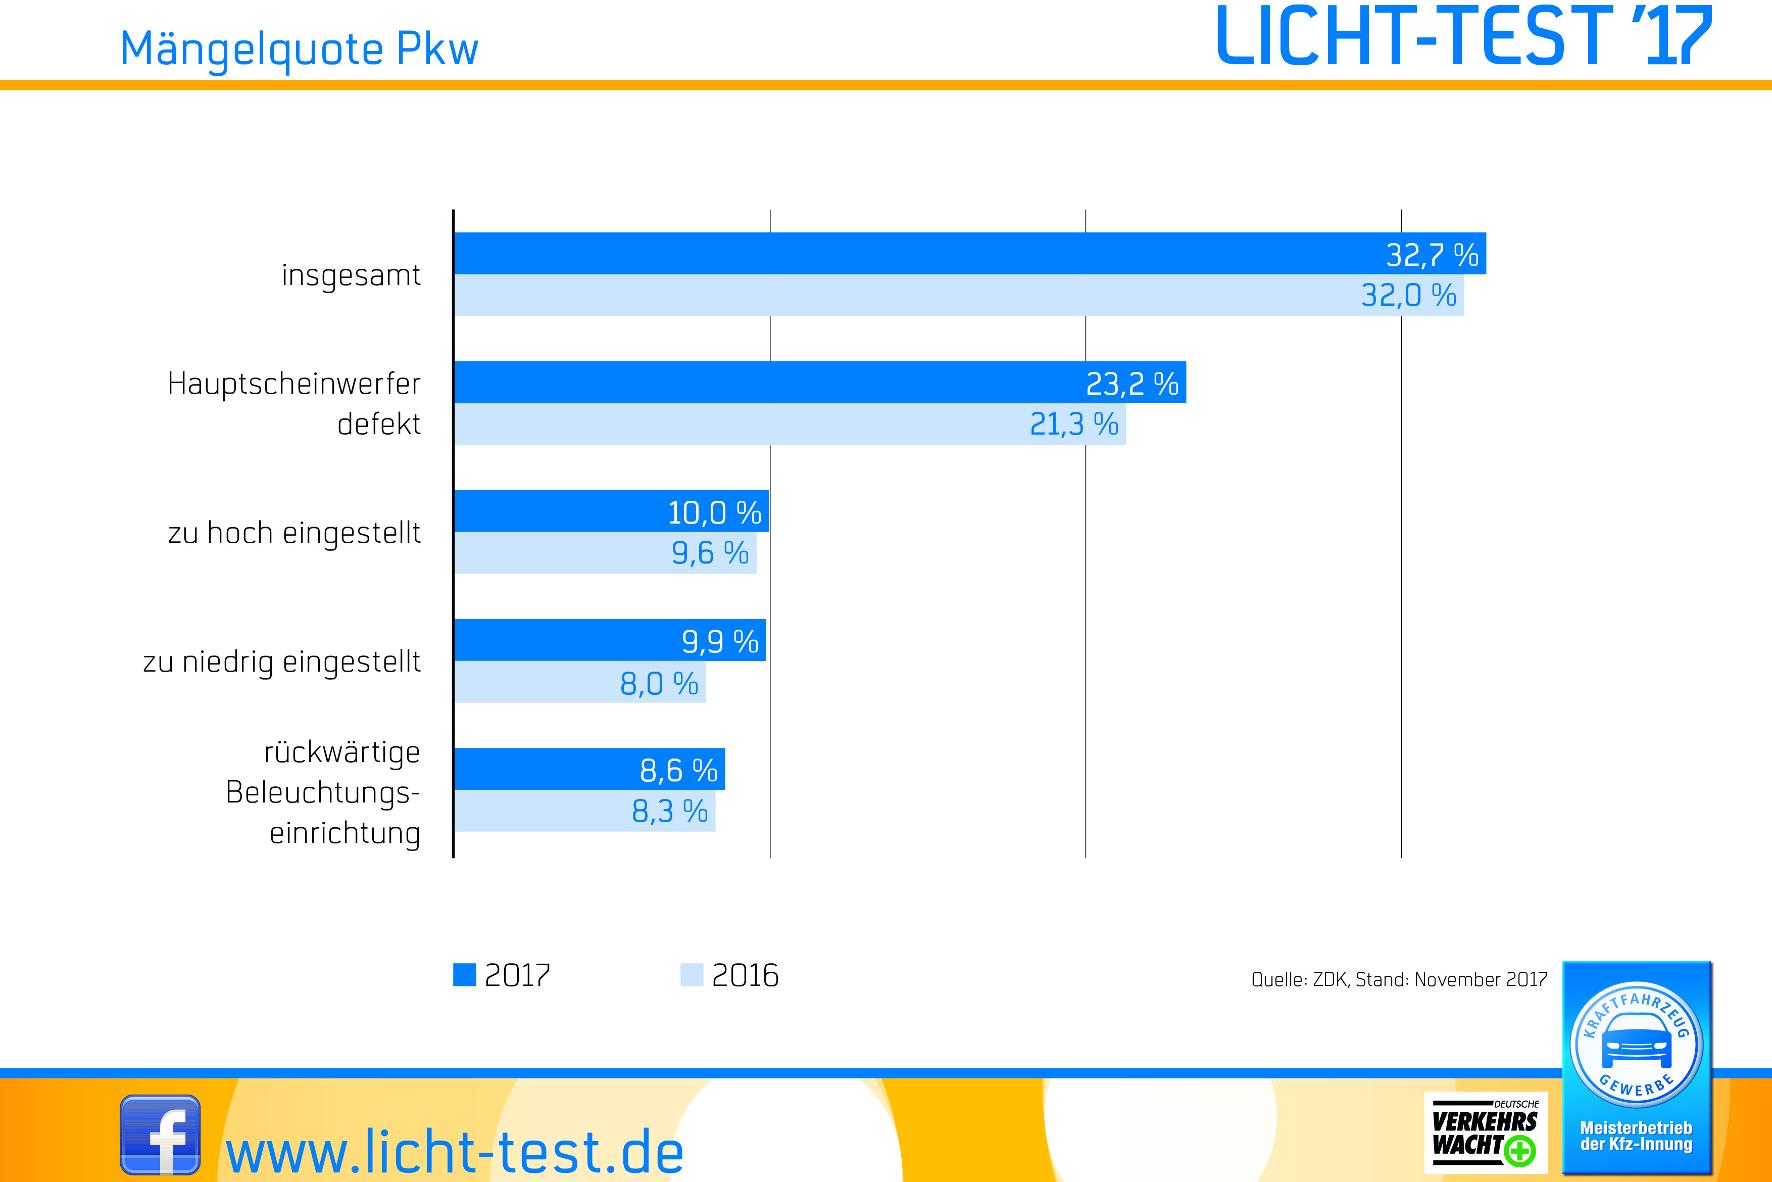 mid Groß-Gerau - Die Bilanz des Licht-Tests 2017 hat sich gegenüber dem Vorjahr in allen Bereichen verschlechtert. ZDK / ProMotor